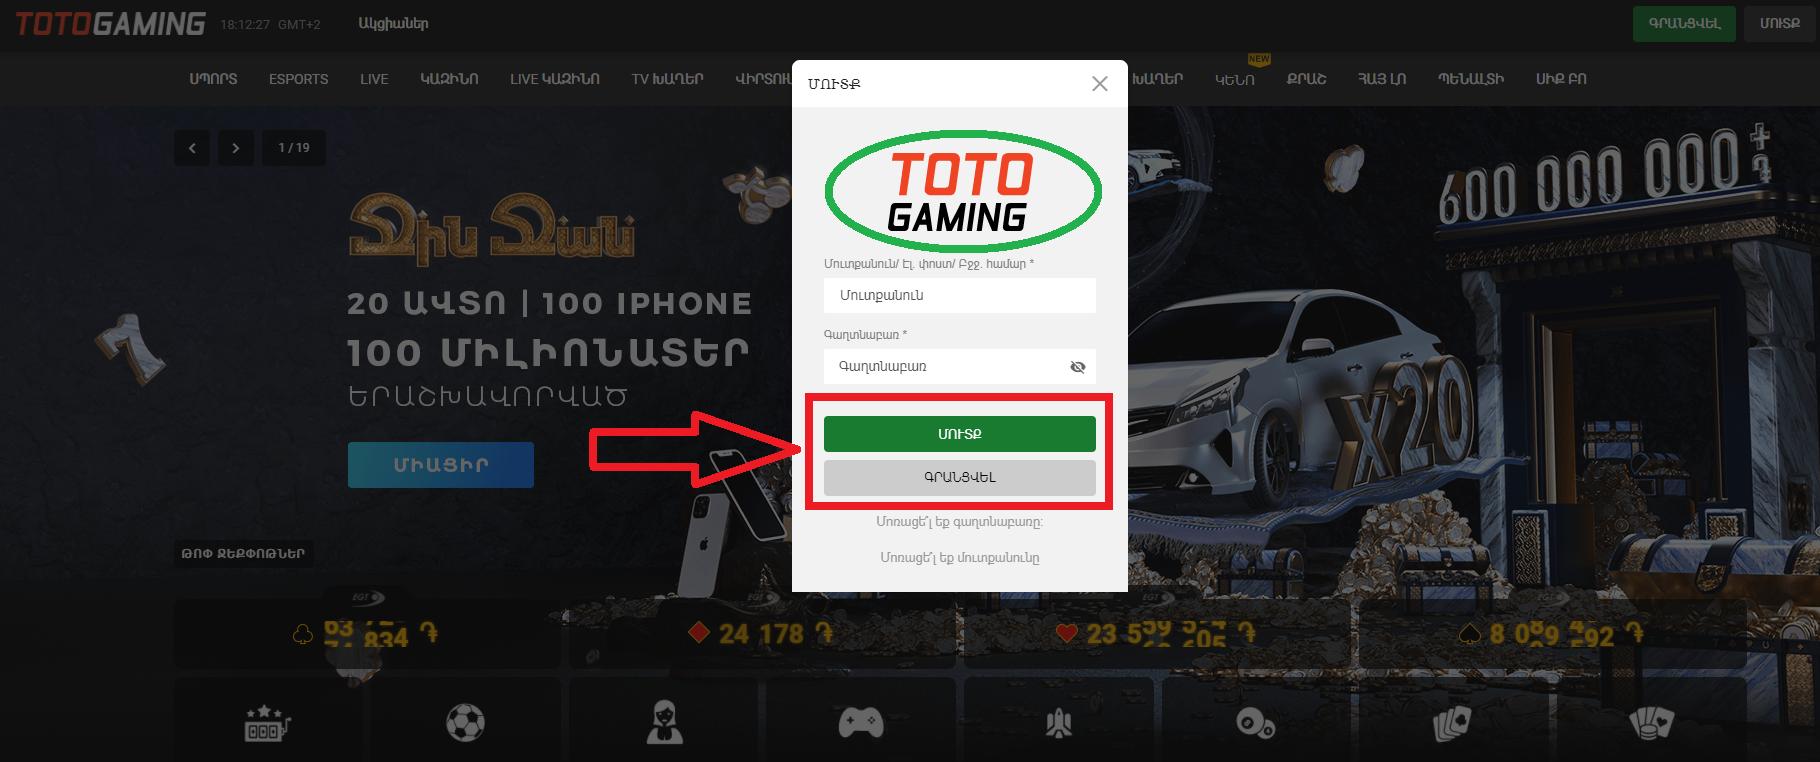 Ինչպե՞ս է հարկավոր TotoGaming հաշիվ ստեղծել